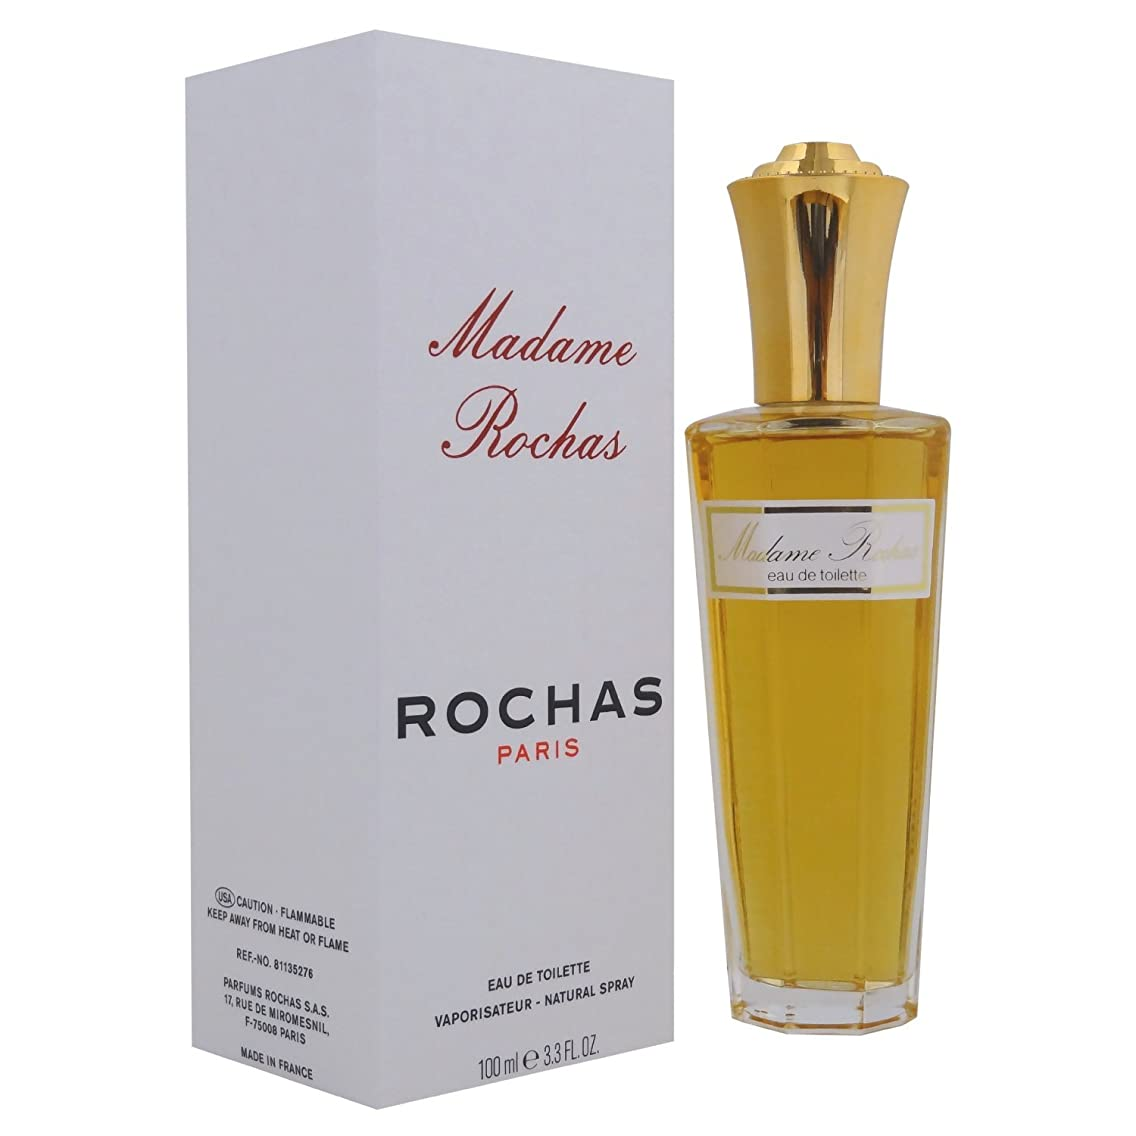 調査太い確立ROCHAS Madame Rochas マダム ロシャス EDT 100ml